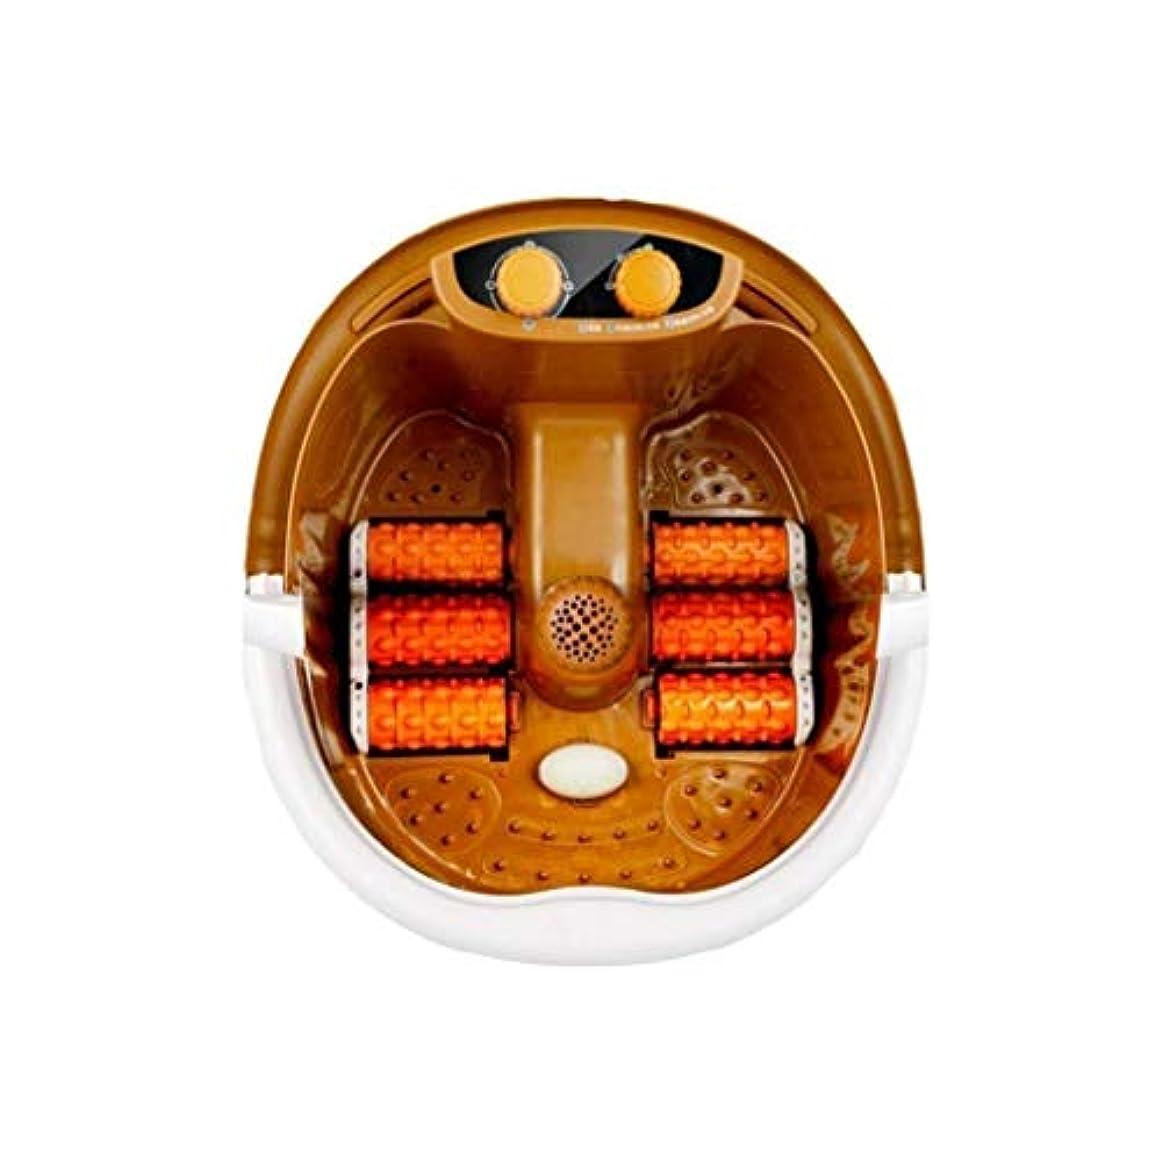 セラフ怪しいフェザー電気フットマッサージベイスン、フットバスバレル、フットヒーテッドスパ-フットマッサージャー、痛みの緩和/睡眠の促進、ホームオフィスでの使用